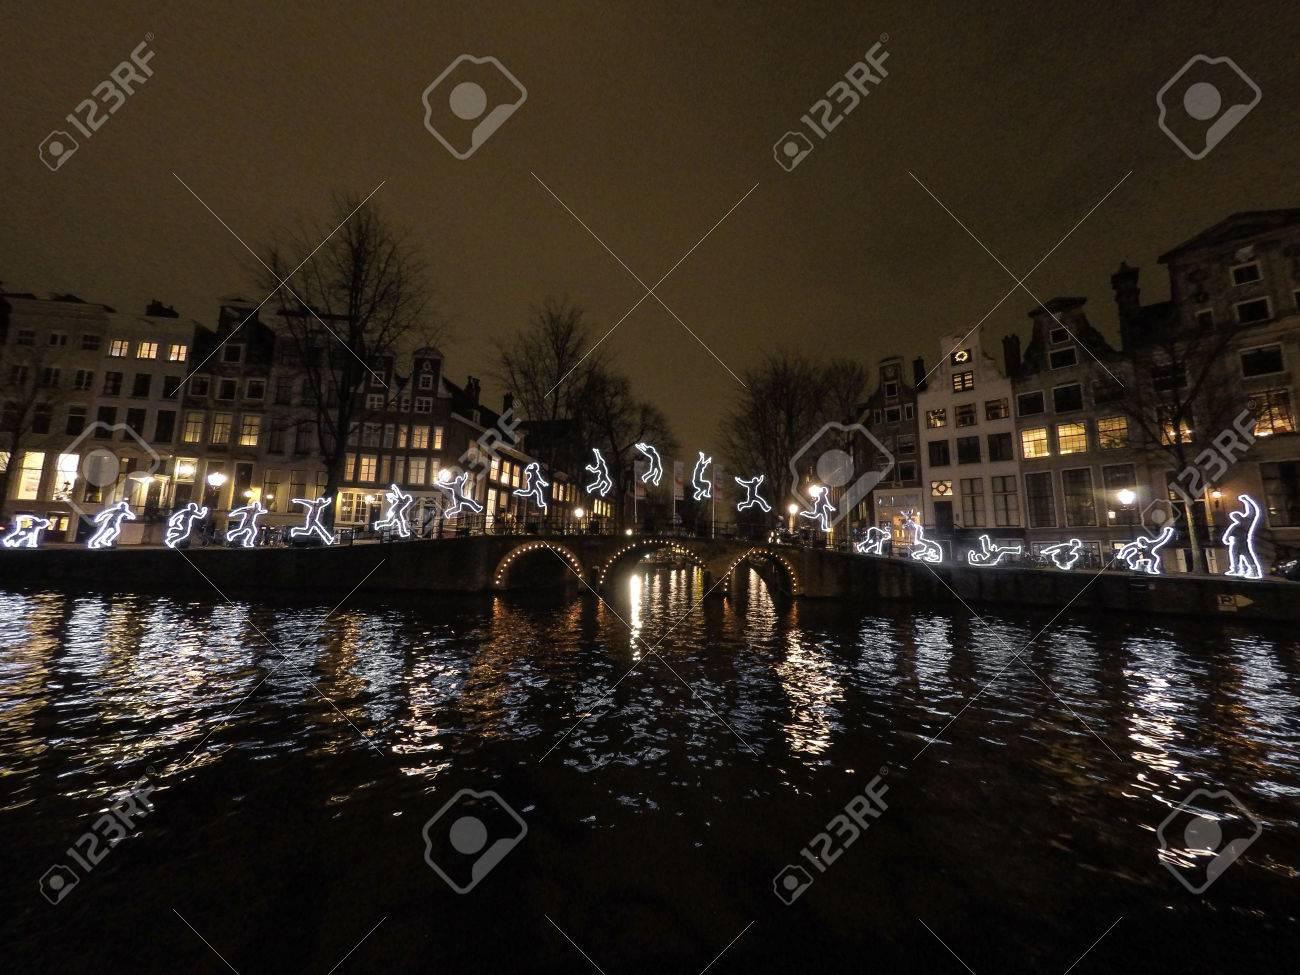 Licht Tour Amsterdam : Licht festival amsterdam kanalbrücke lizenzfreie fotos bilder und